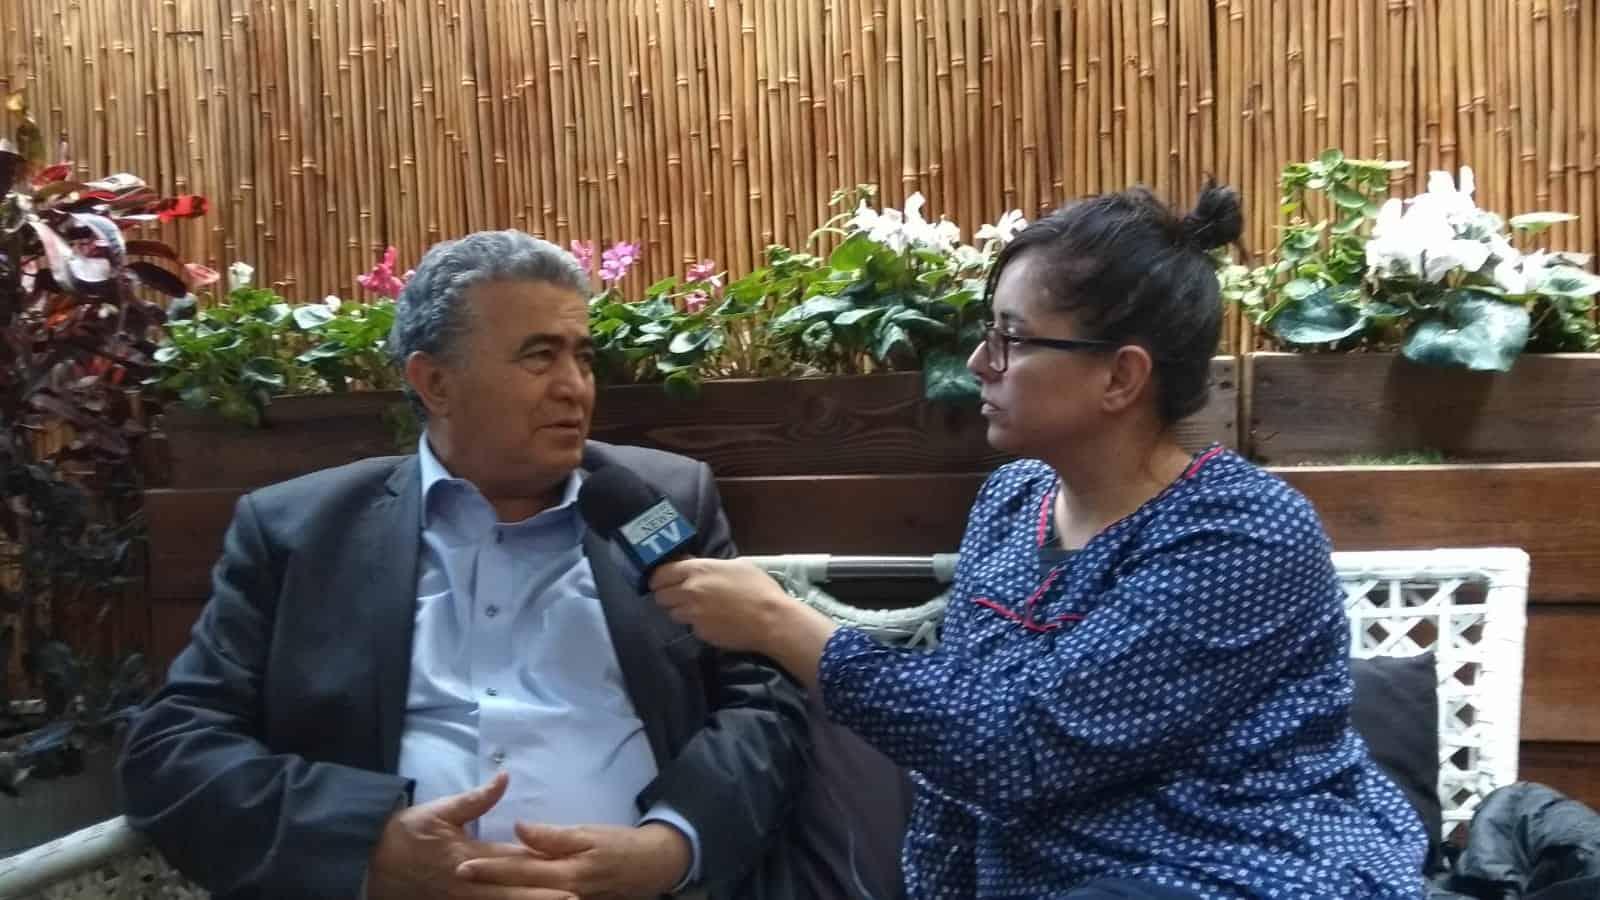 עמיר פרץ בראיון לרמת גן ניוז